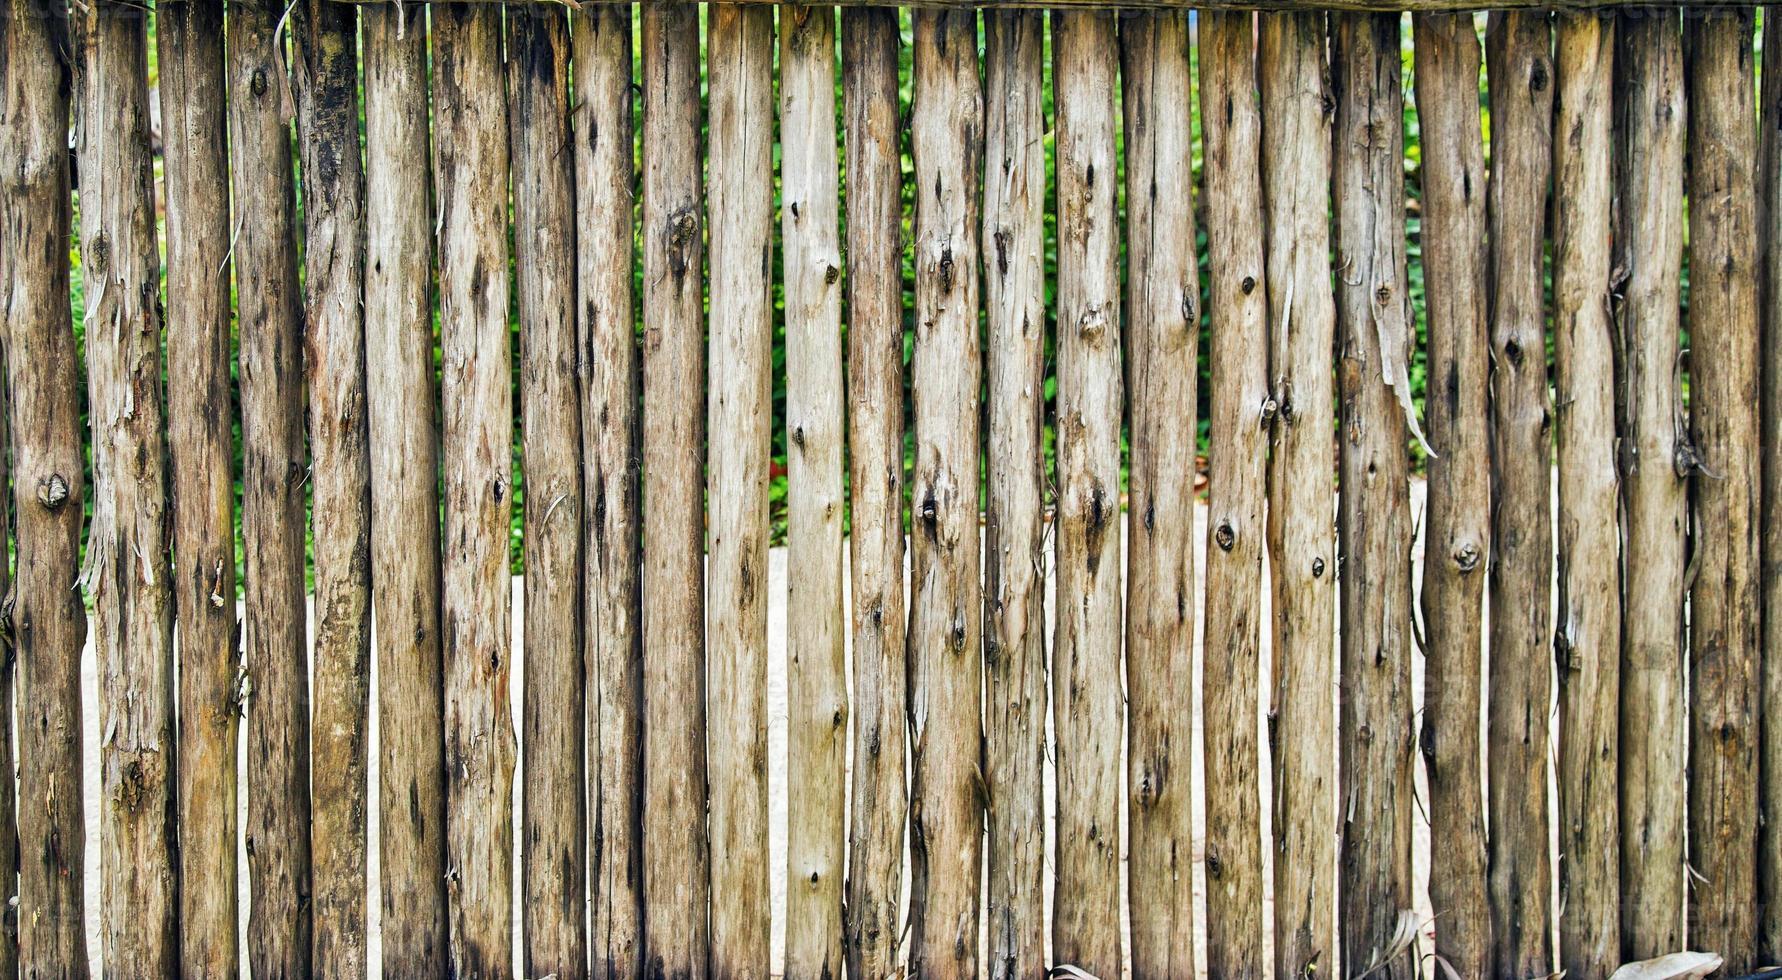 houten hek textuur foto